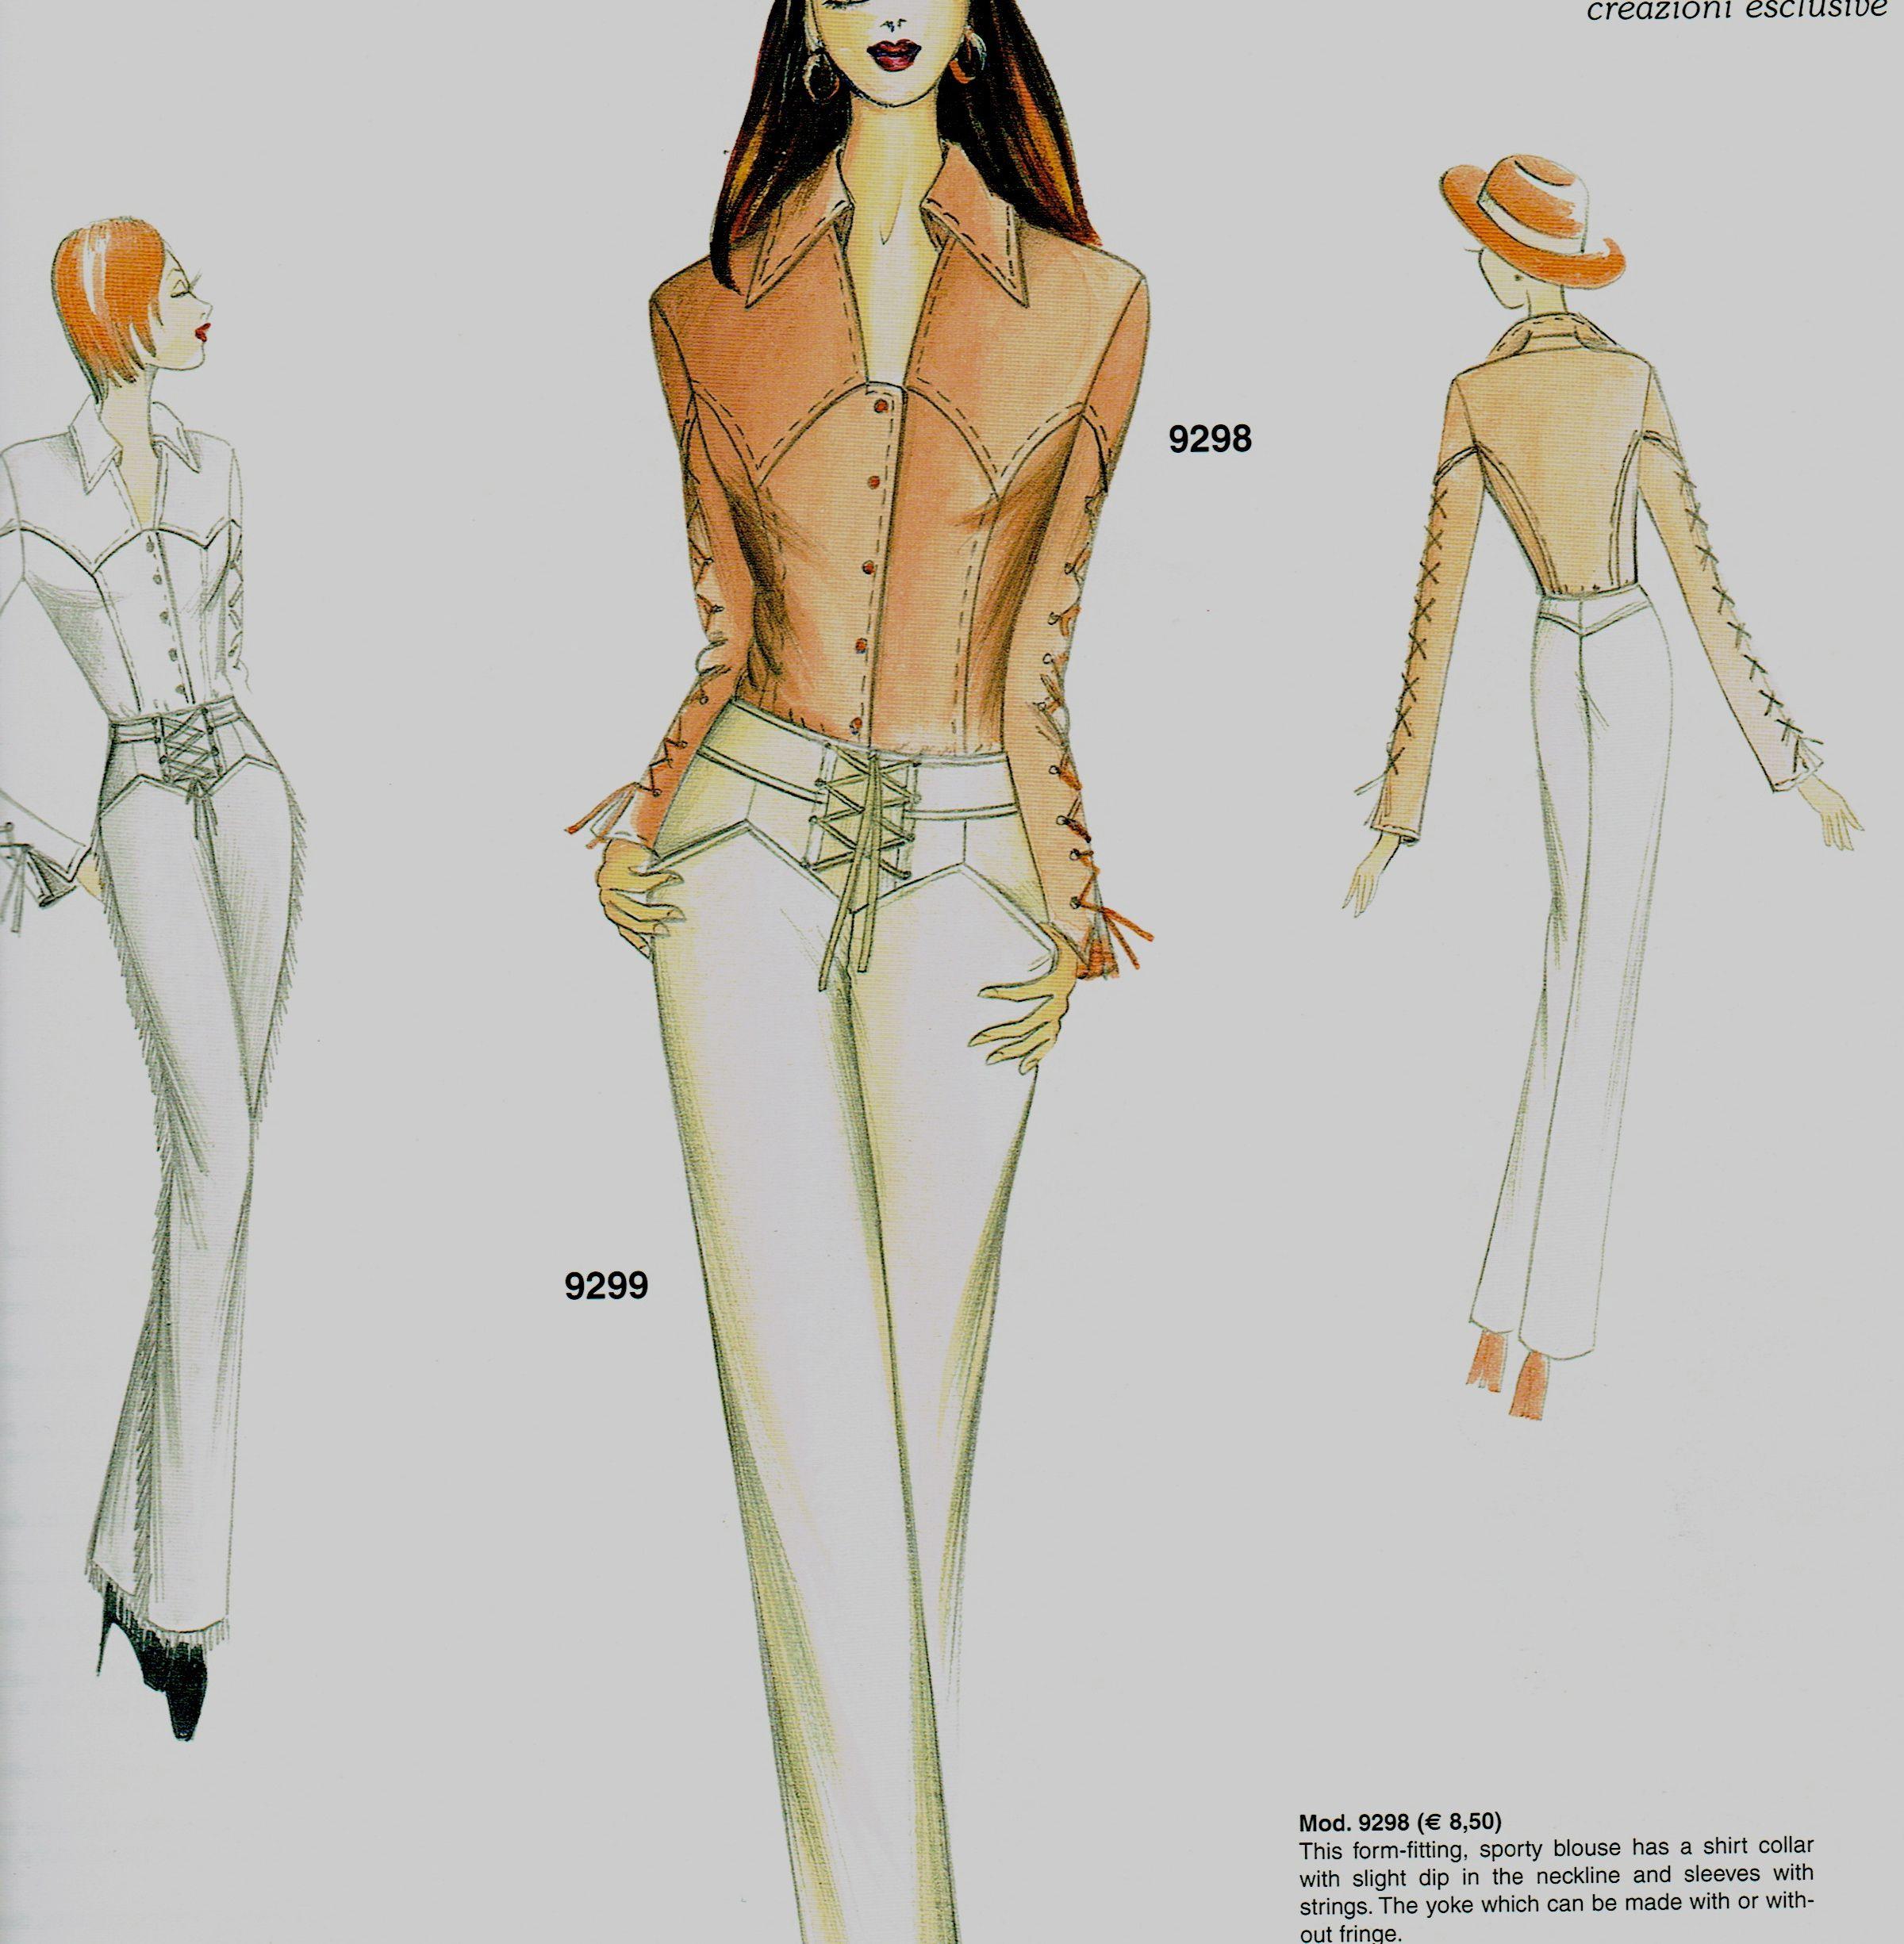 Marfy 9298 My Spaghetti Western Shirt Totally Texas Ilustracoes De Moda Desenho De Moda Modelos